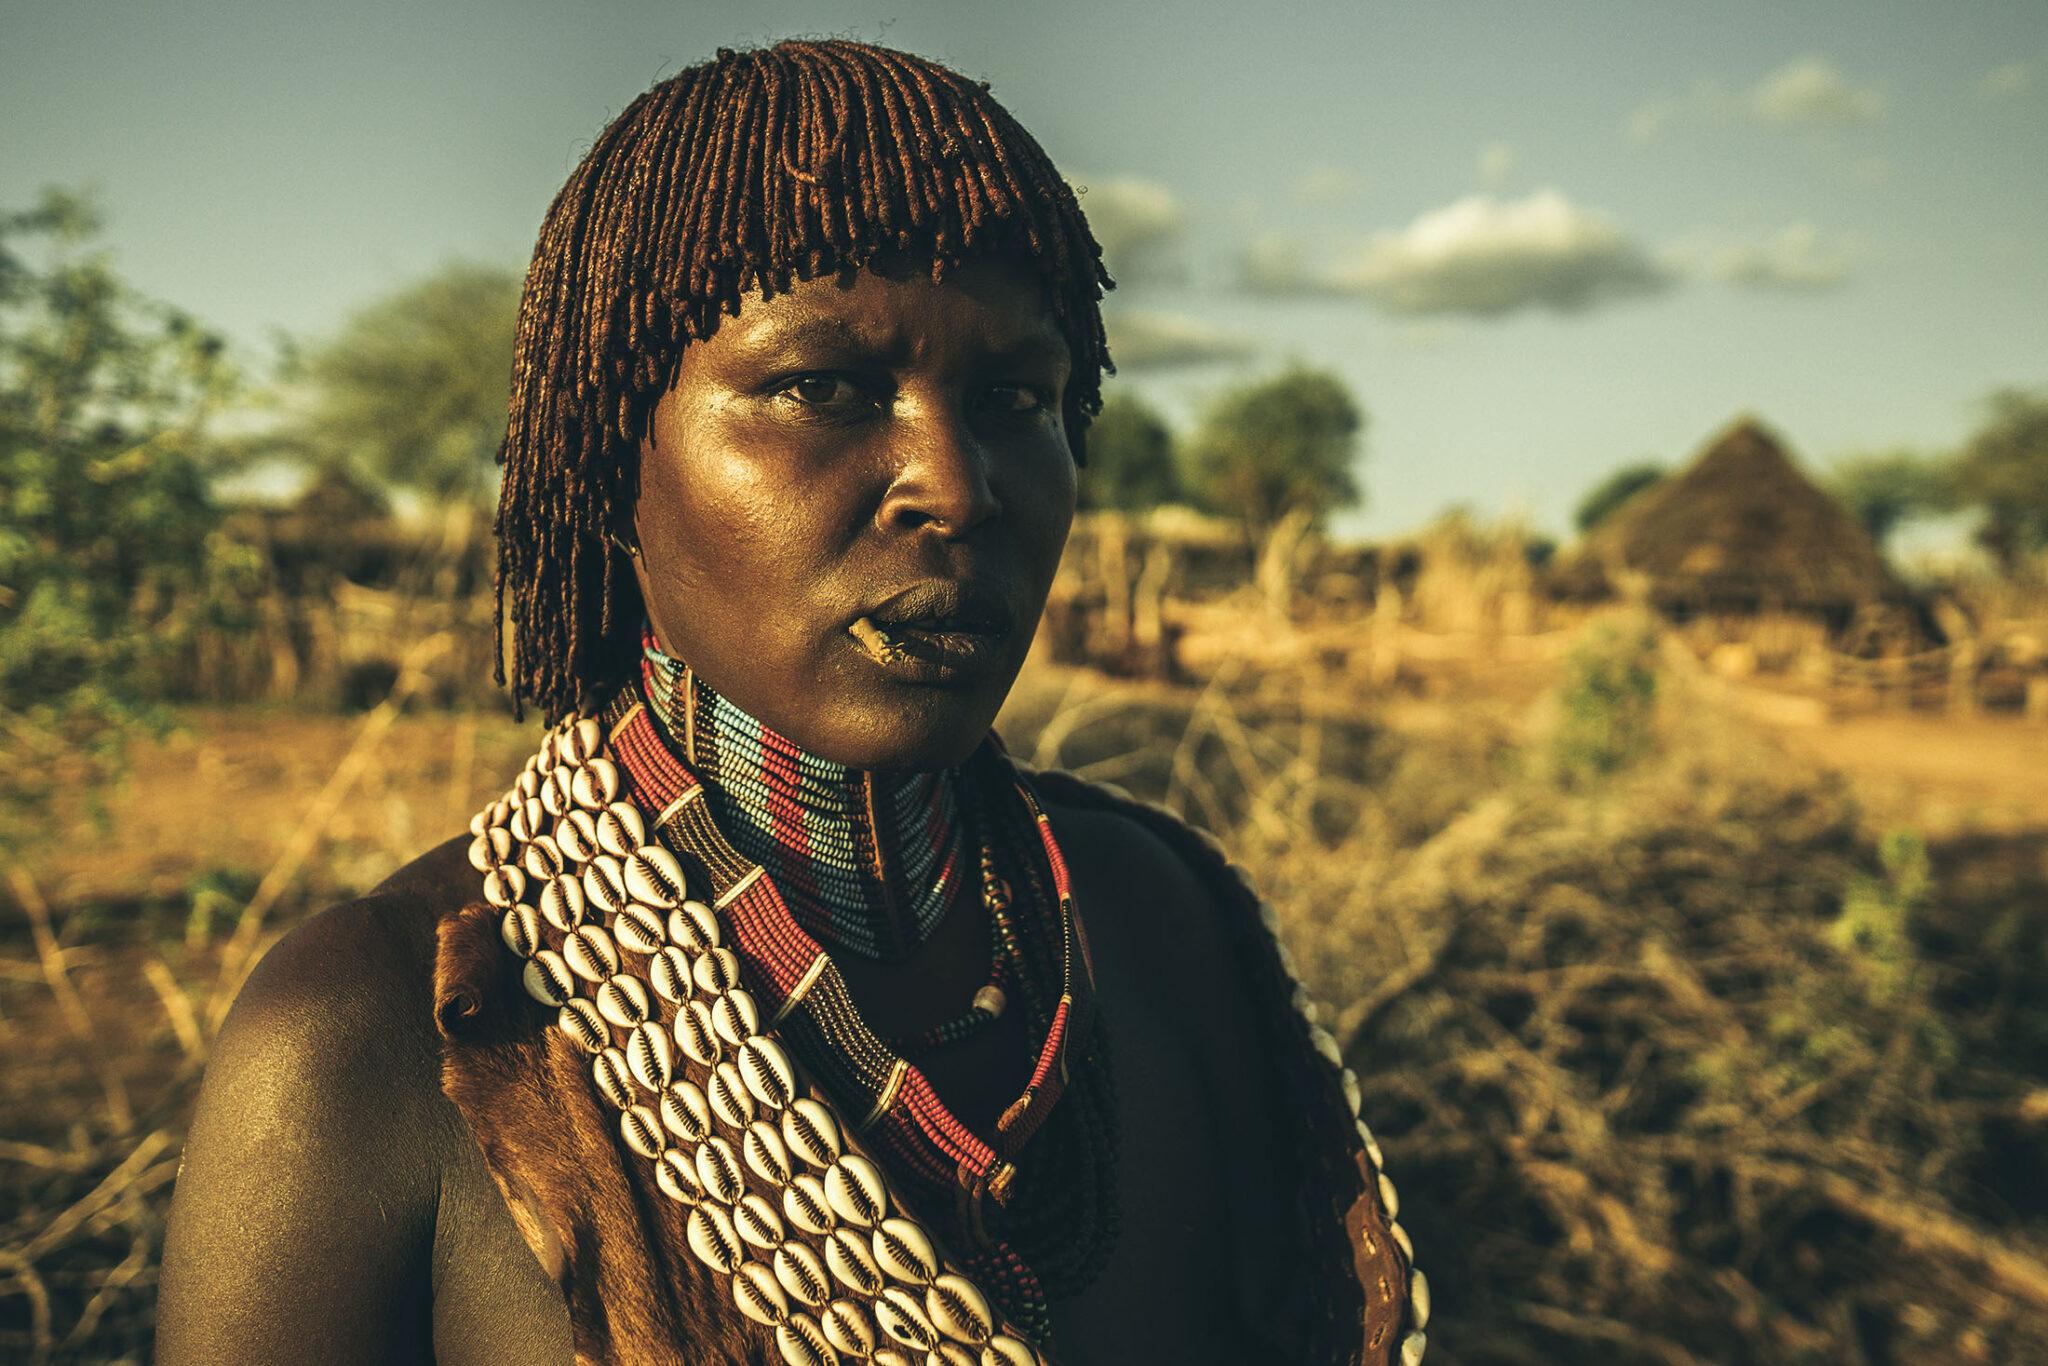 Ethiopia Photos